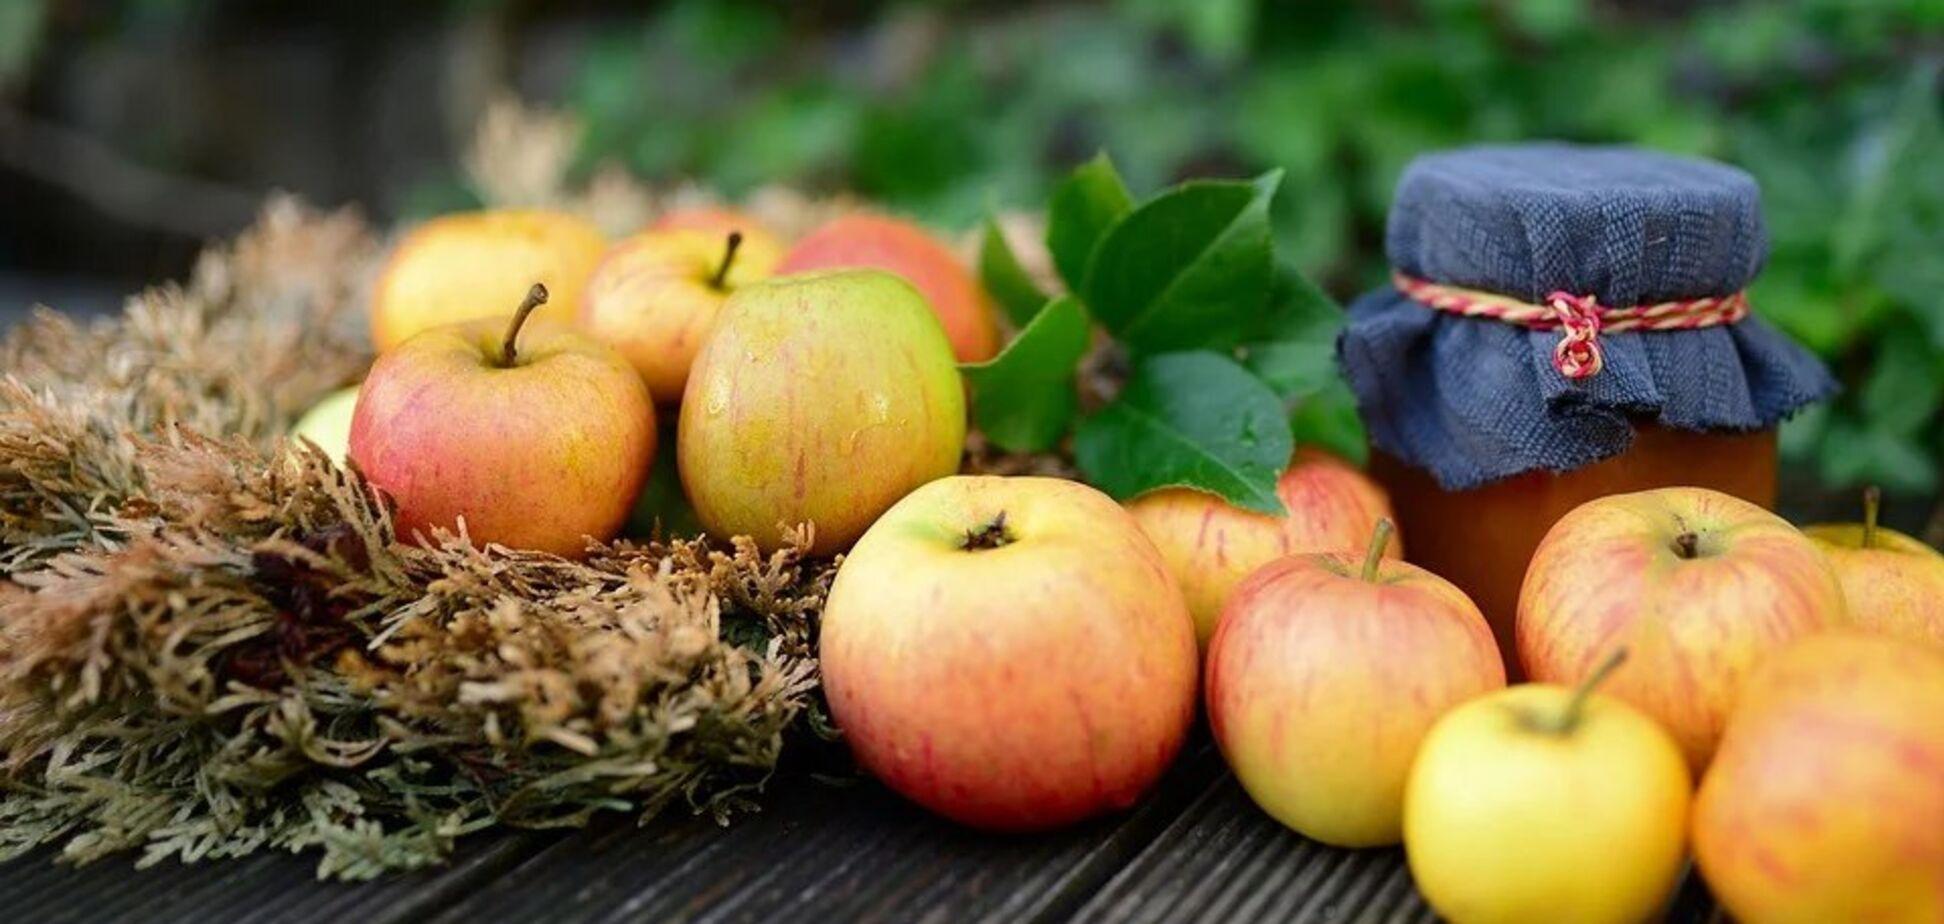 Как правильно сварить яблочное варенье: 2 простых способа